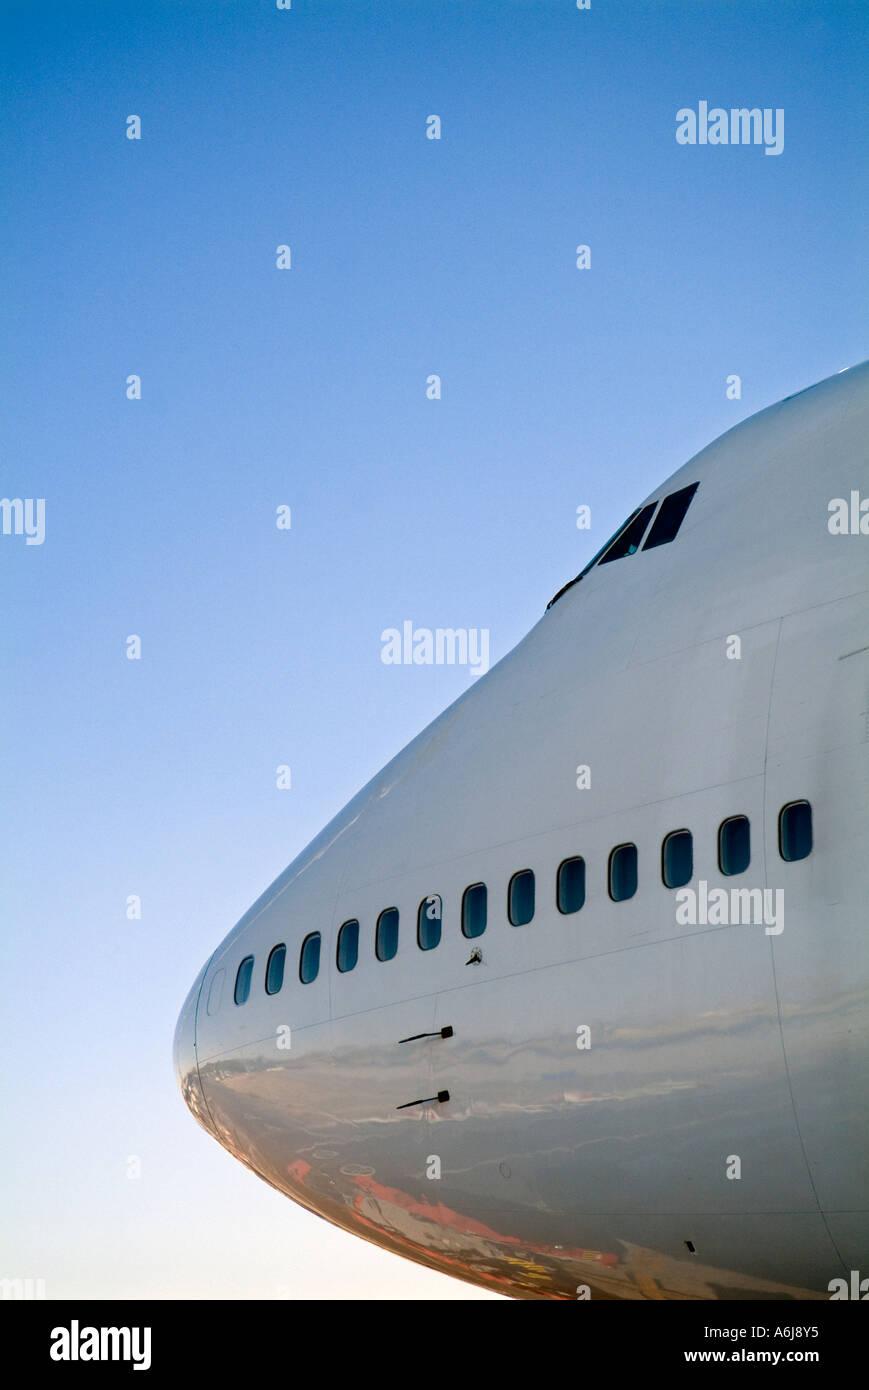 La parte delantera de un avión Boeing 747 Imagen De Stock